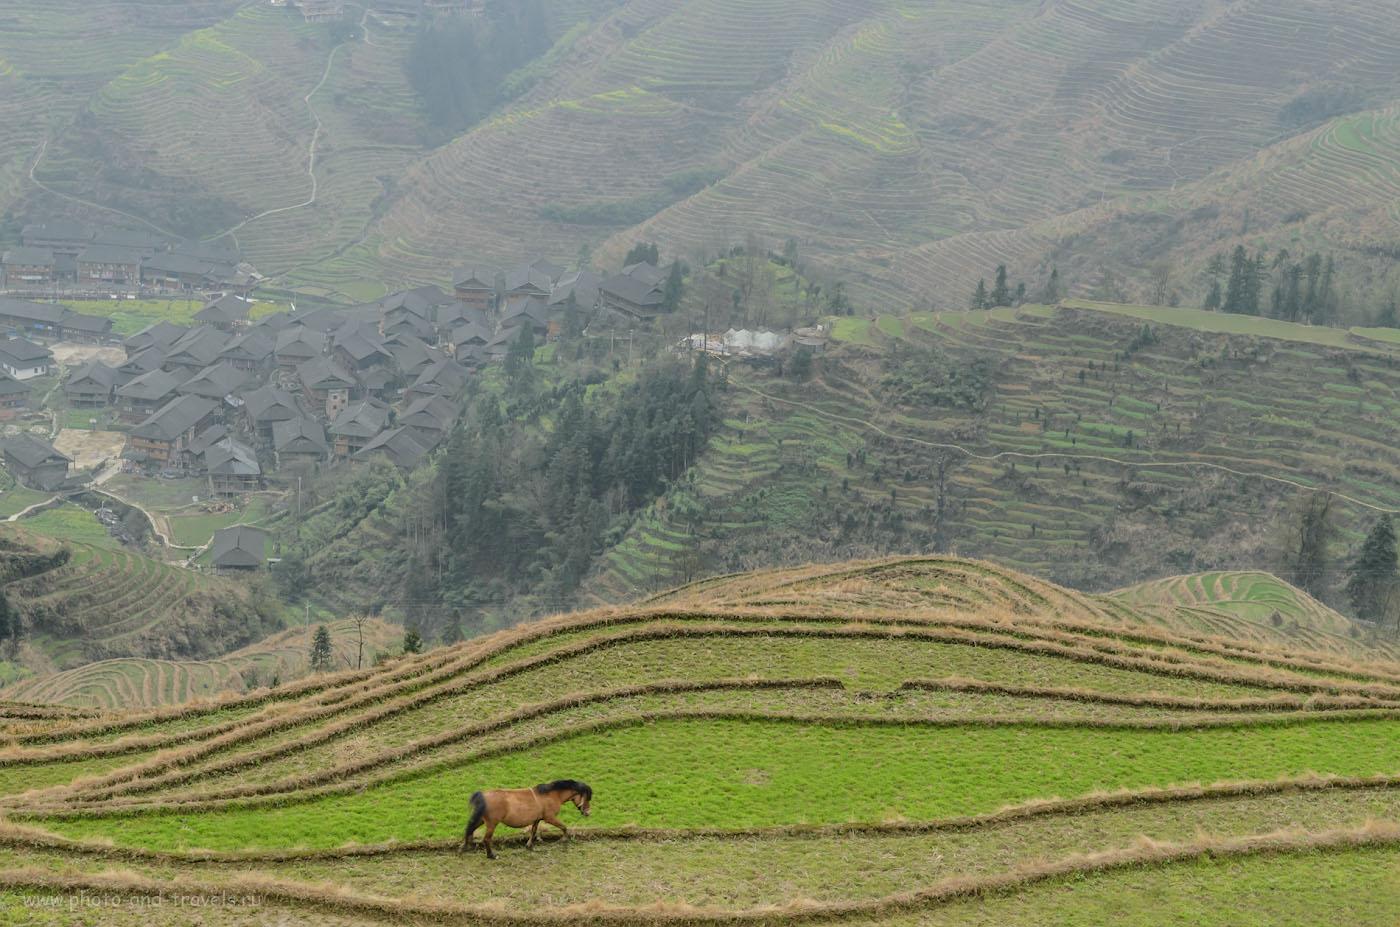 Фото 14. Лошадка на рисовых террасах Лунцзи в Китае